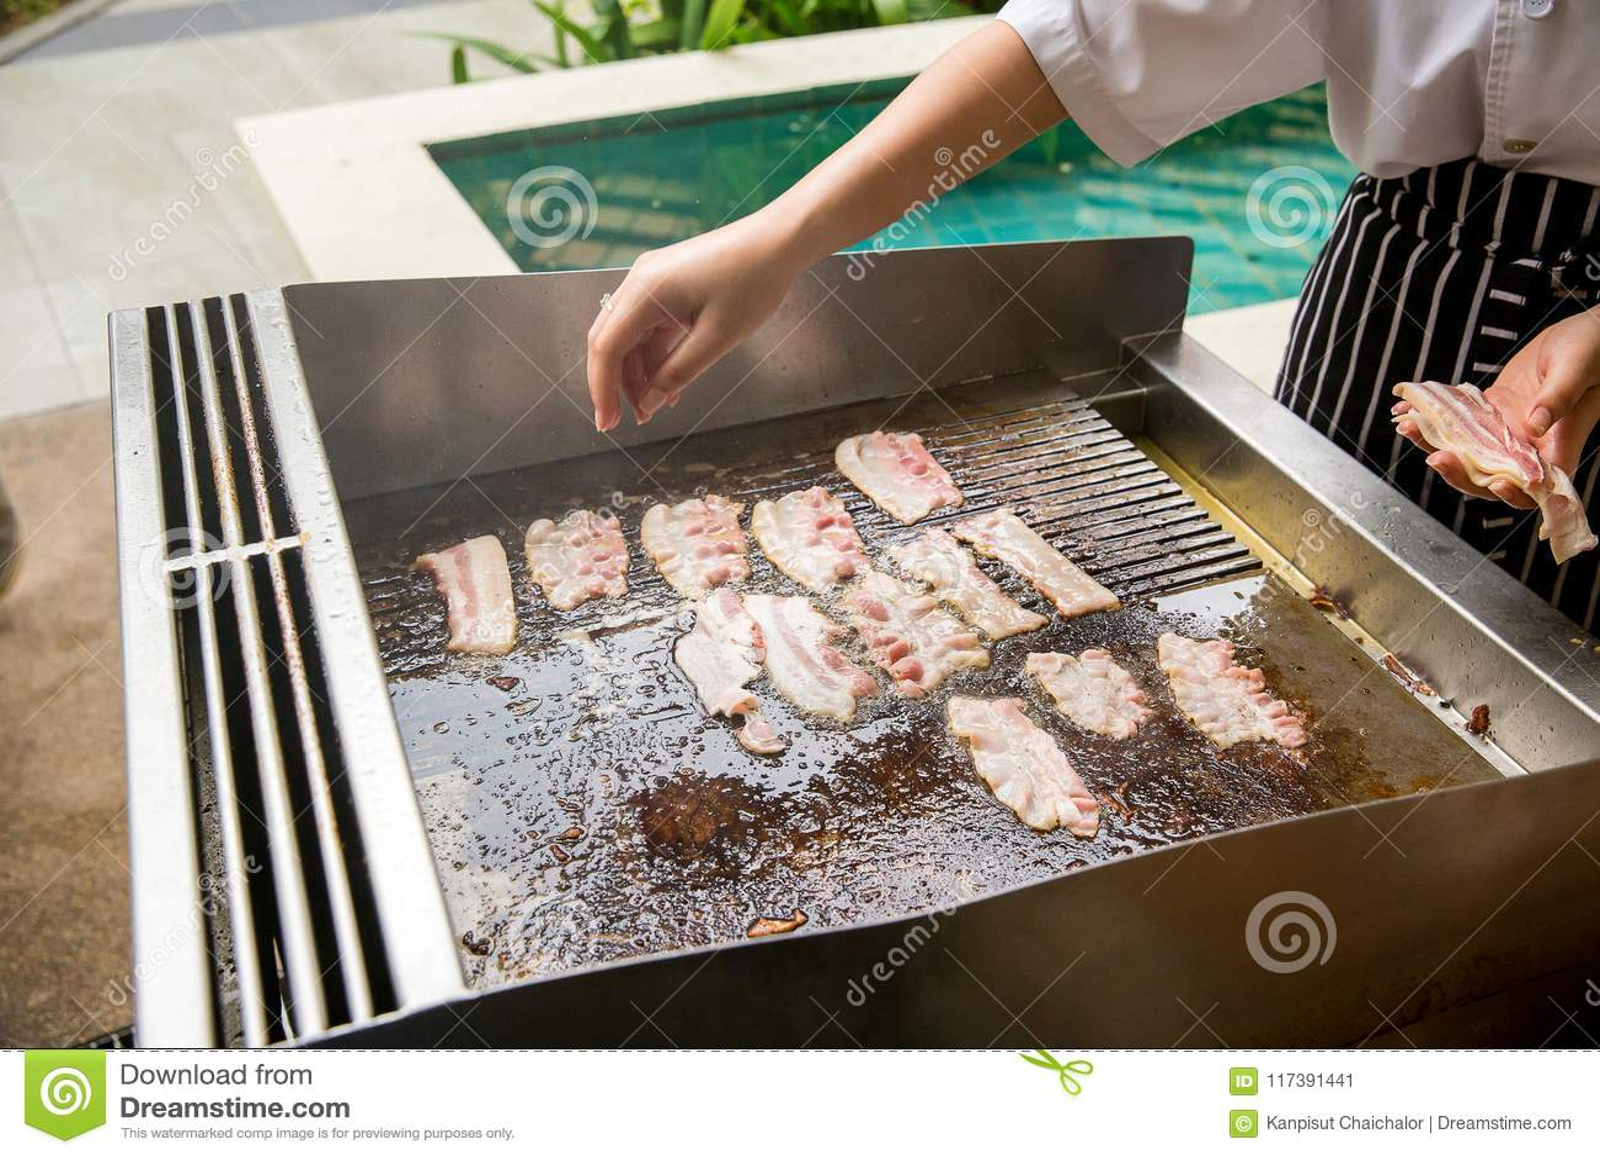 Fatia do bacon grelhada no fogão calorias altas e gordura carne de porco fumarento roasted no fogão